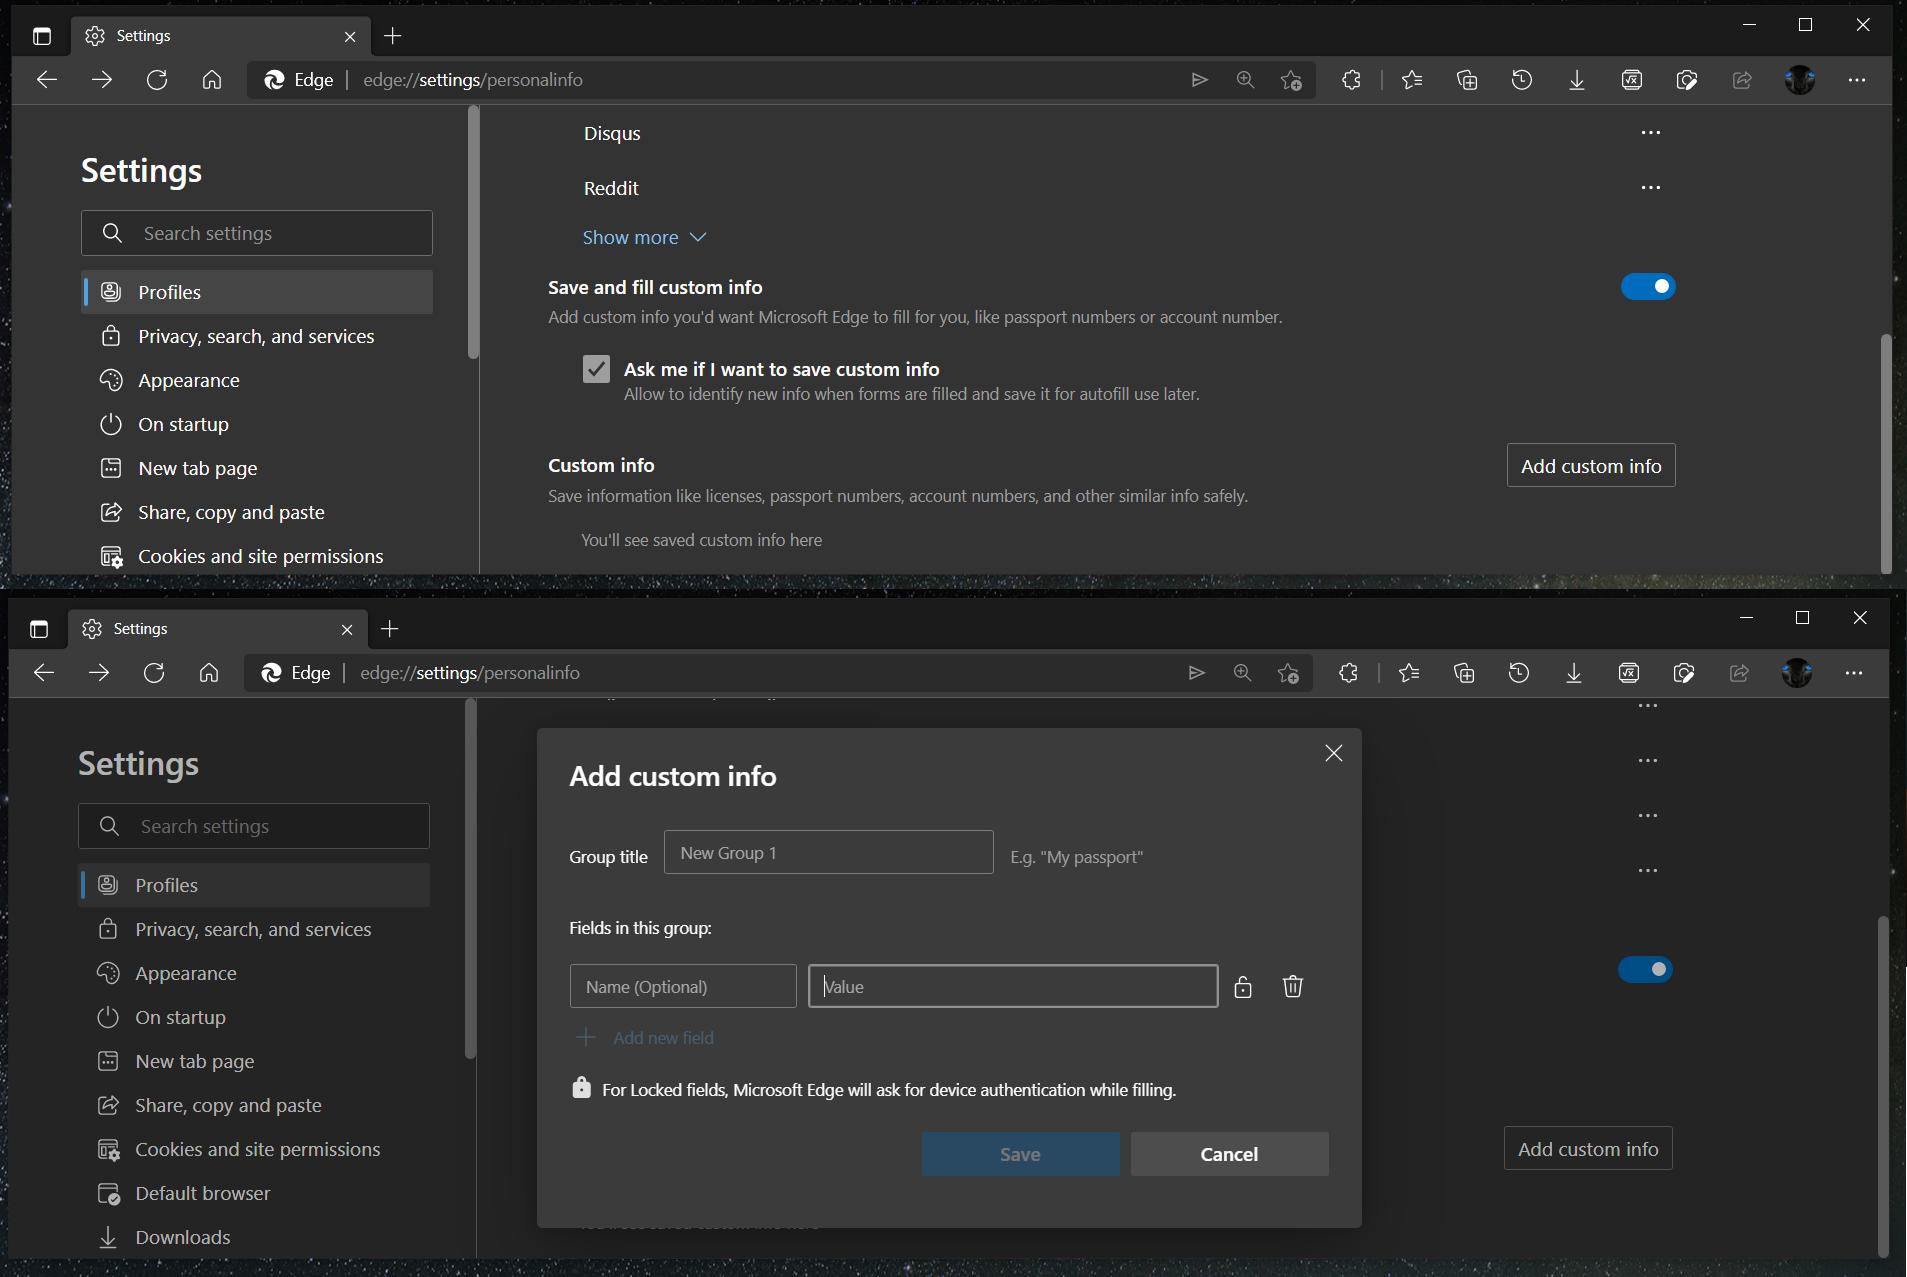 微软测试Edge浏览器自定义字段自动填充功能